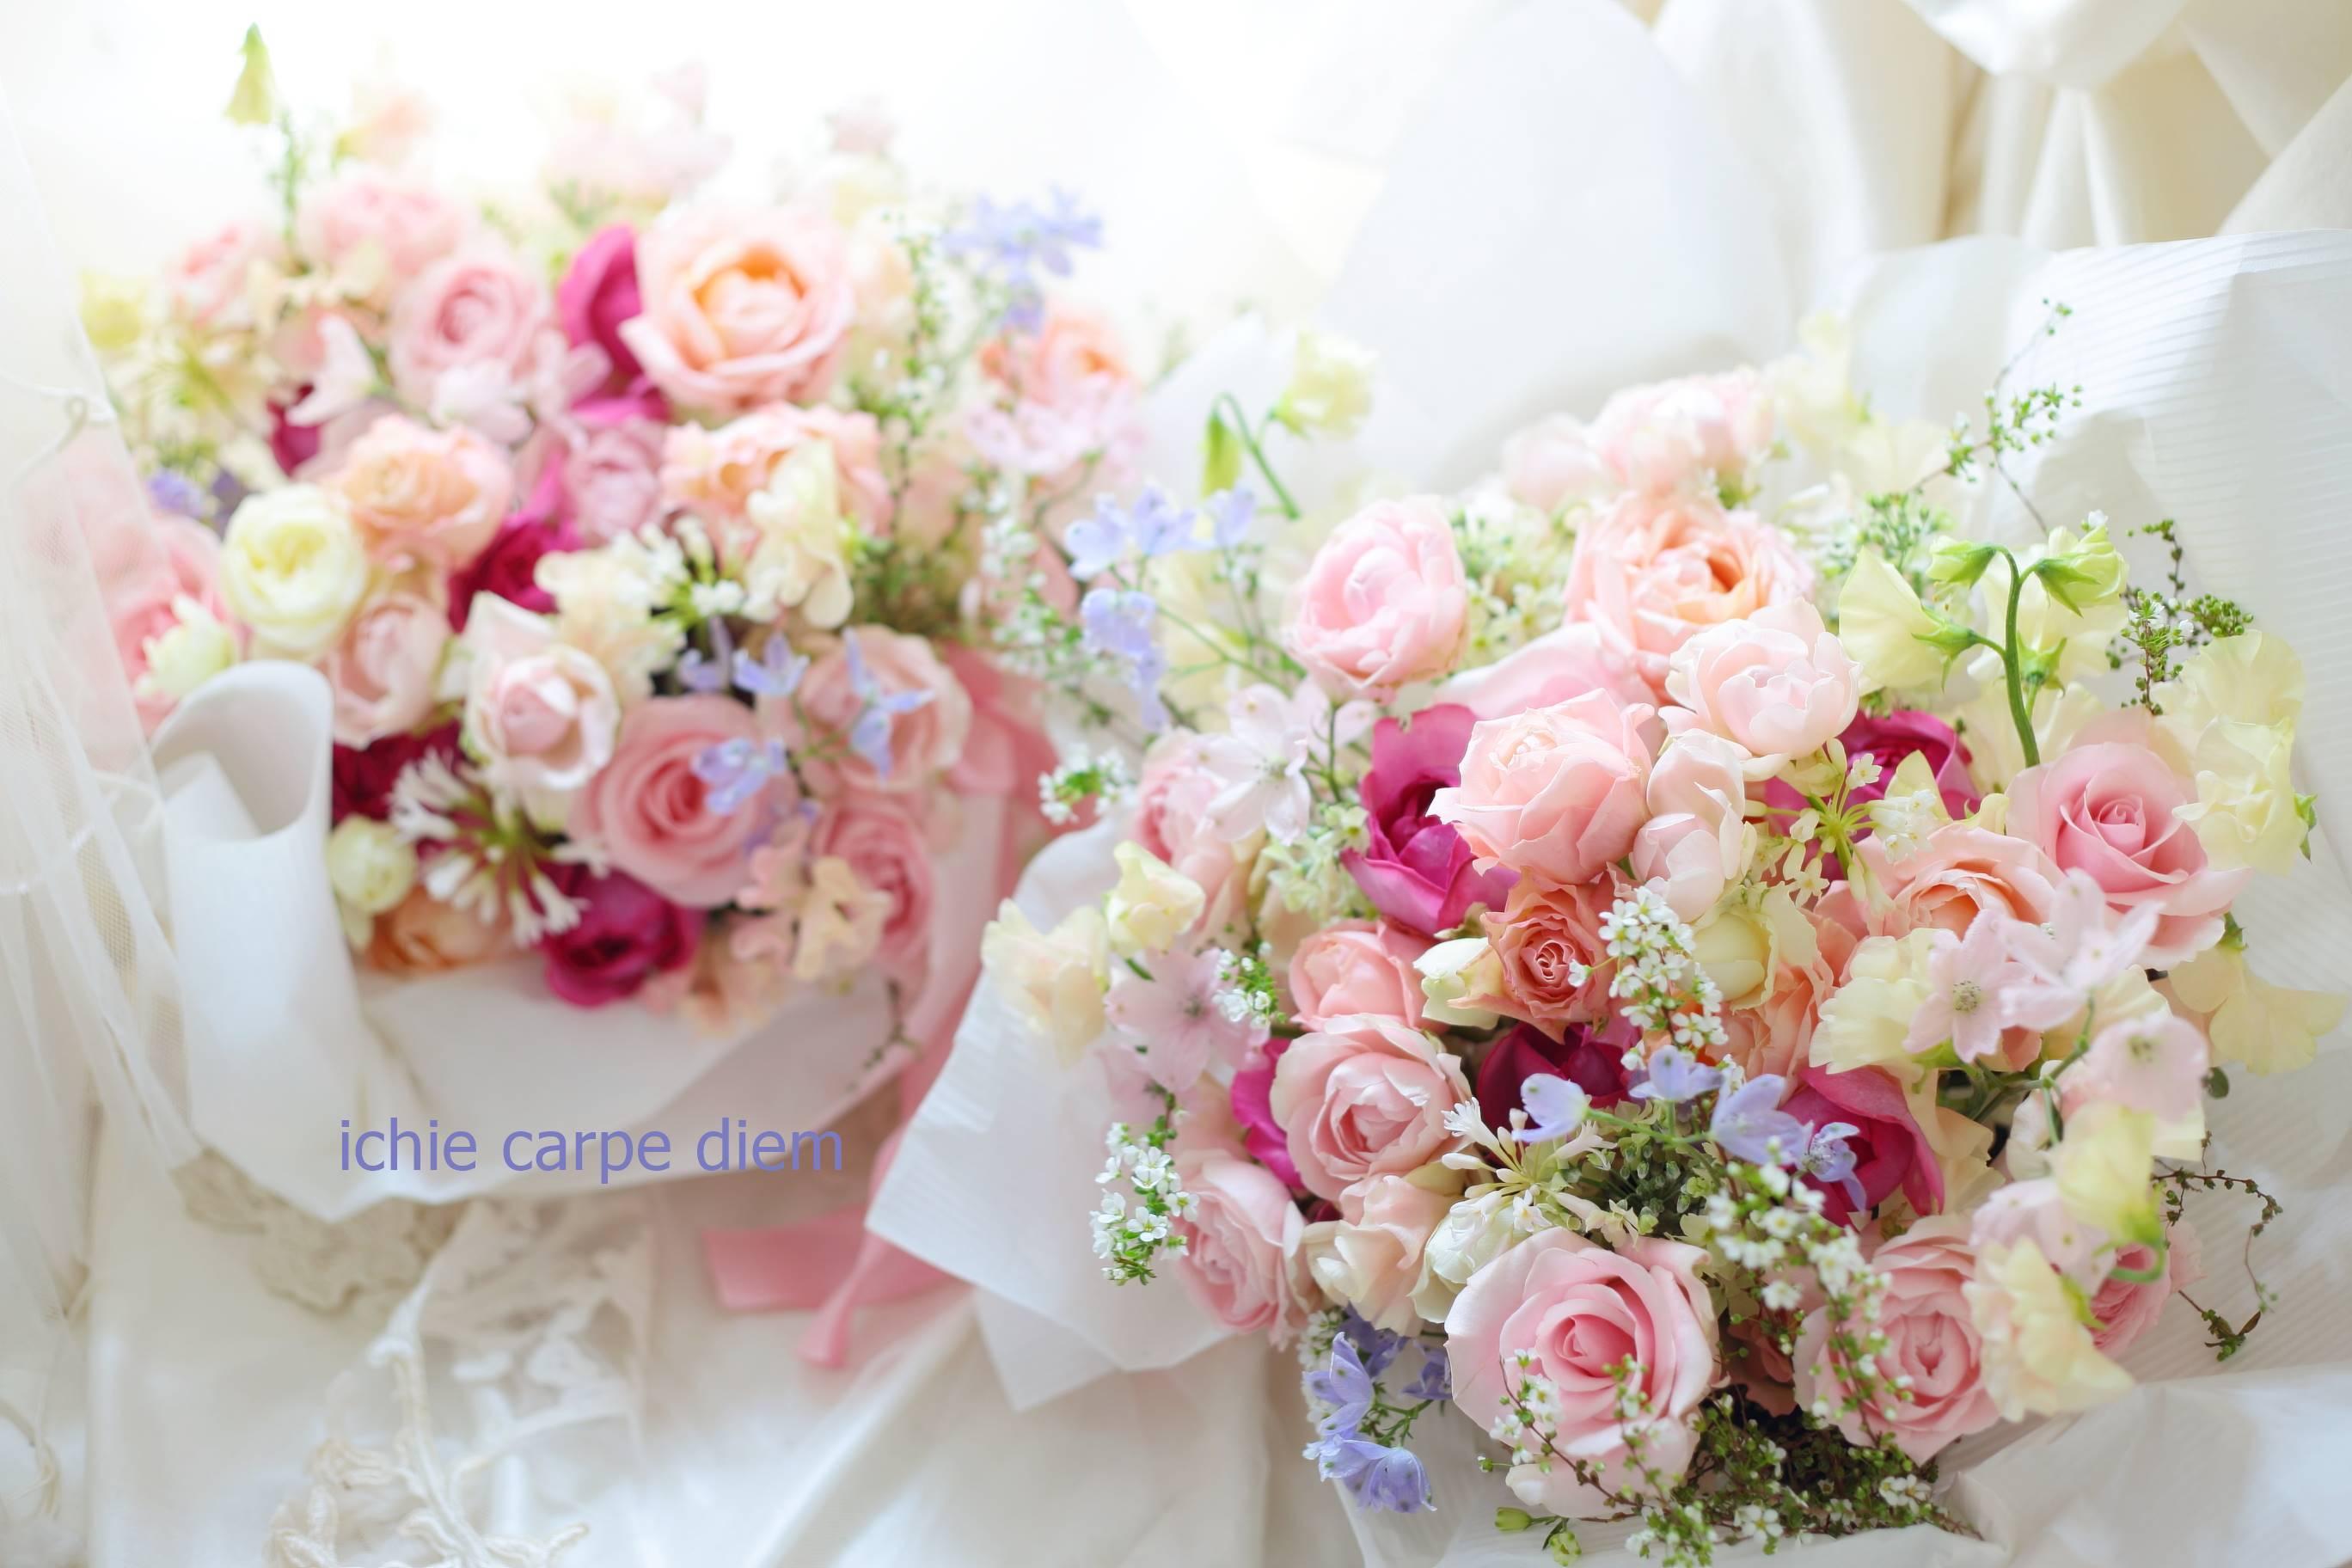 ご両親への贈呈用の花束とアレンジ「バラをいれて」 花畑と森の泉 3月芍薬のイチエッタ_a0042928_09485232.jpg